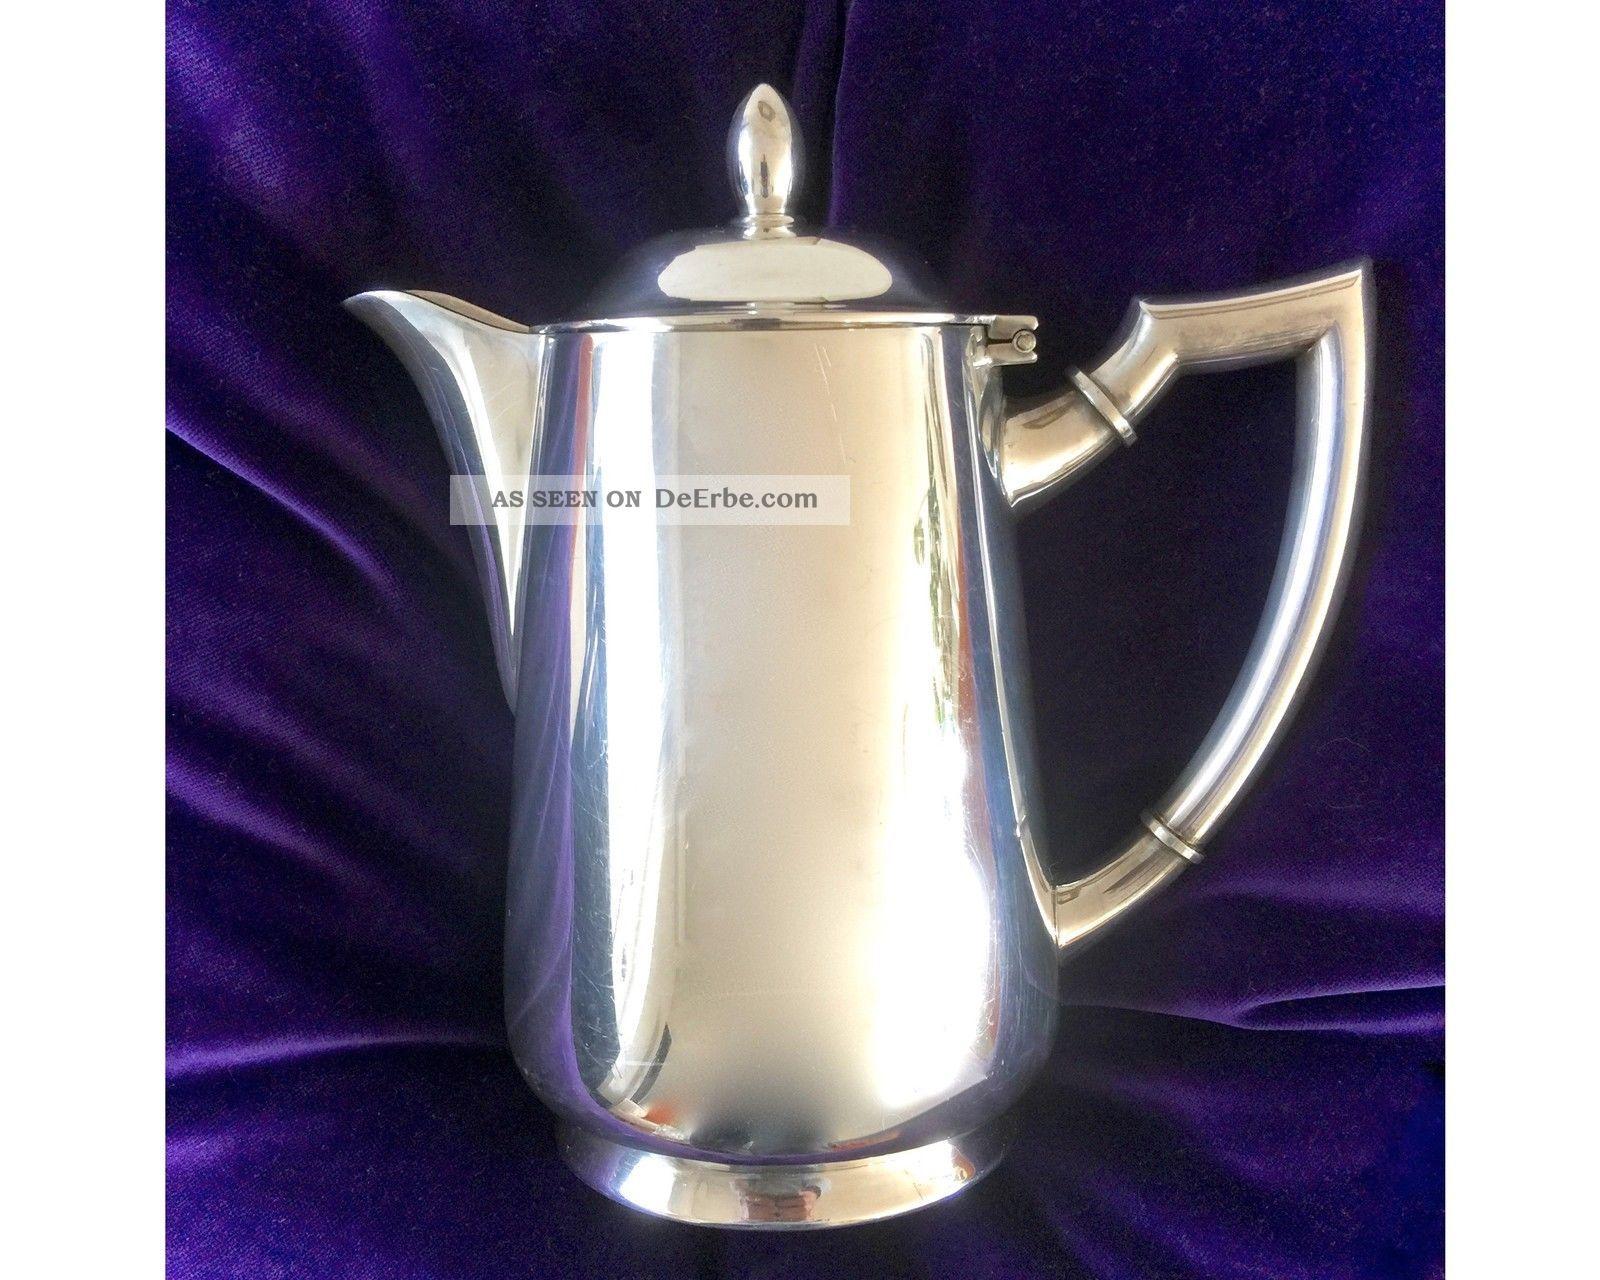 Wmf Versilbert Grosse Art Deco Kanne Kaffeekanne 1 Liter Silver Plated Jug Objekte ab 1945 Bild